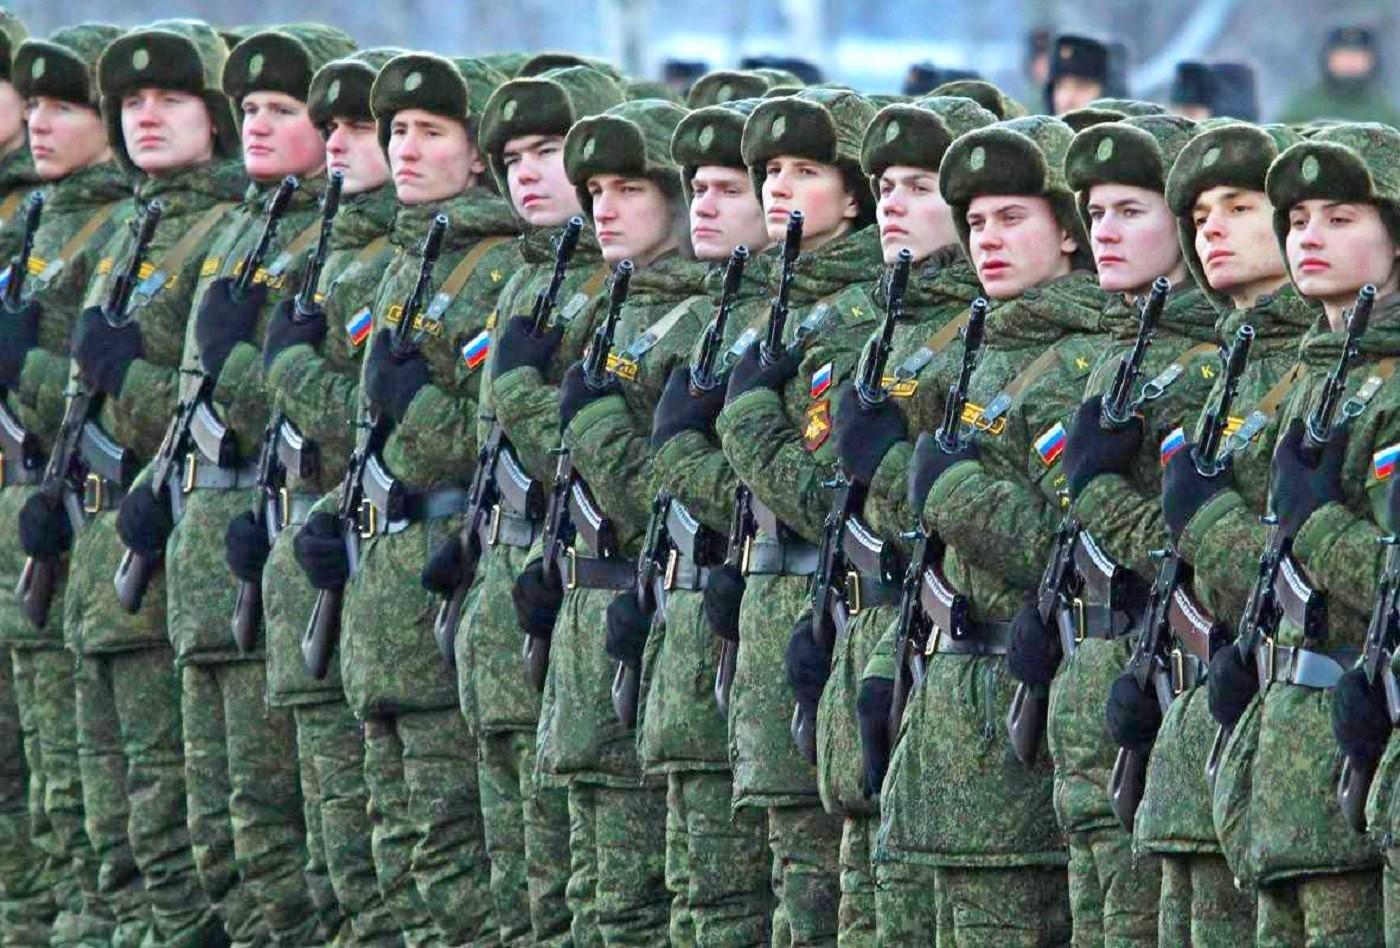 Сколько служат в армии в 2020 году  в России по контракту осенний призыв входит ли срочная служба в общий трудовой стаж